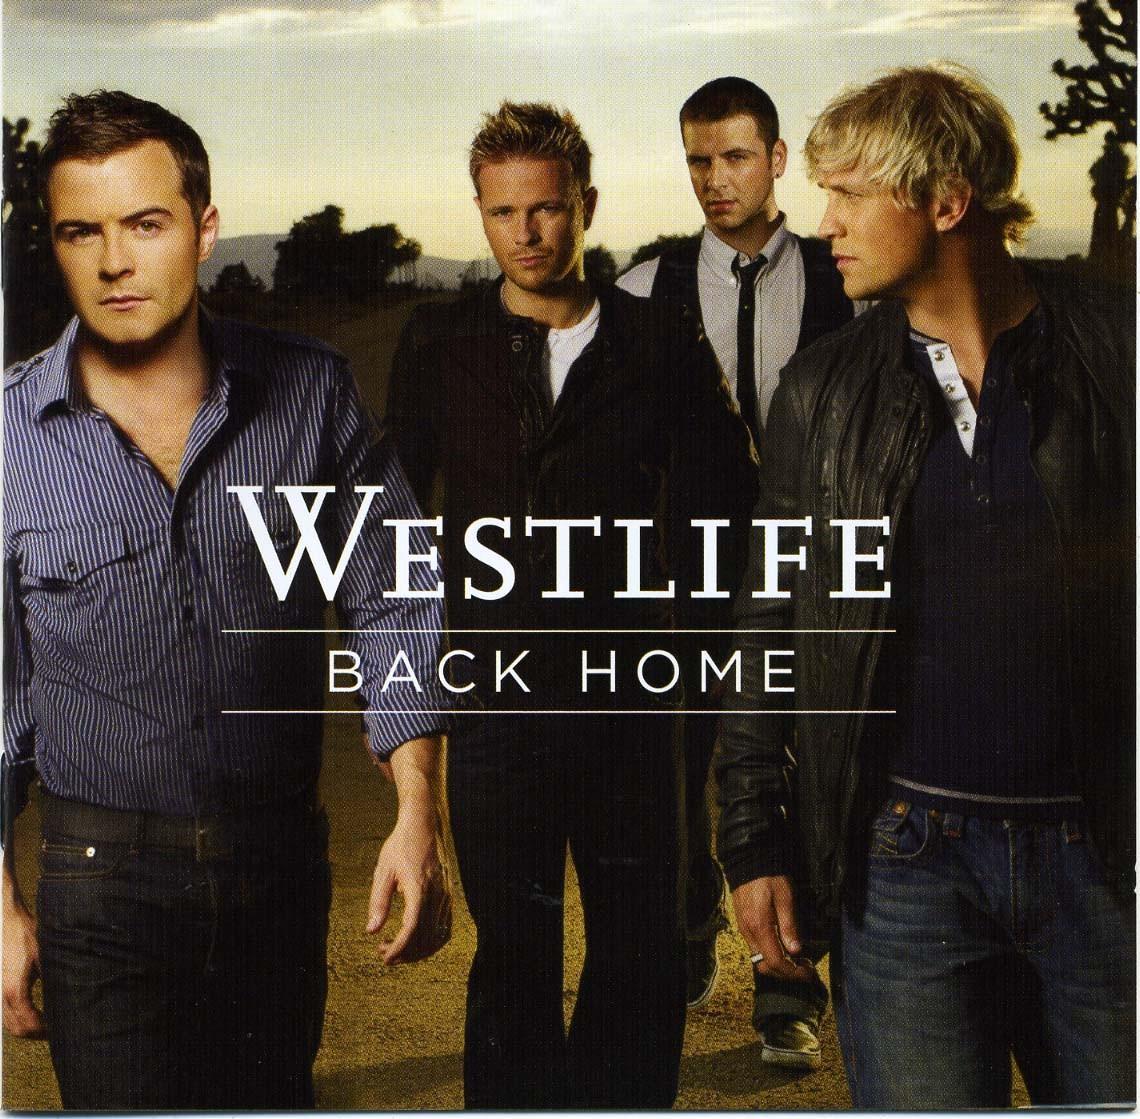 westlife - photo #13